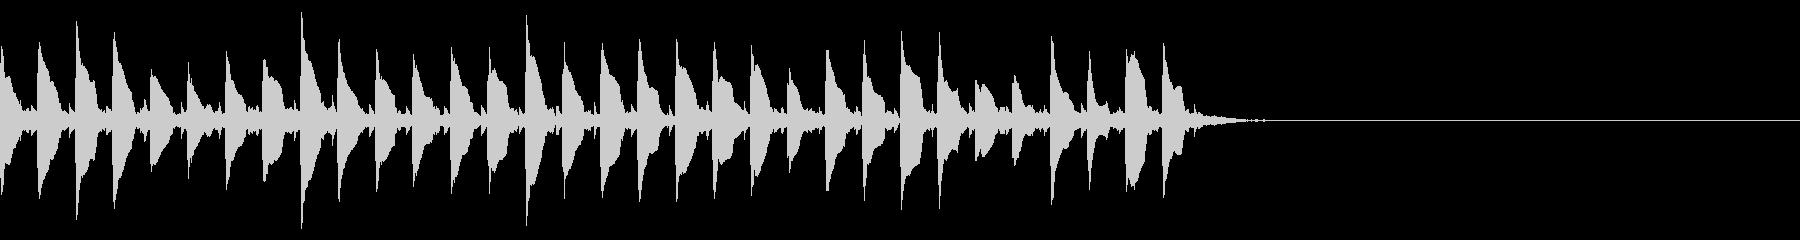 (話す、テキスト表示)長めA04の未再生の波形